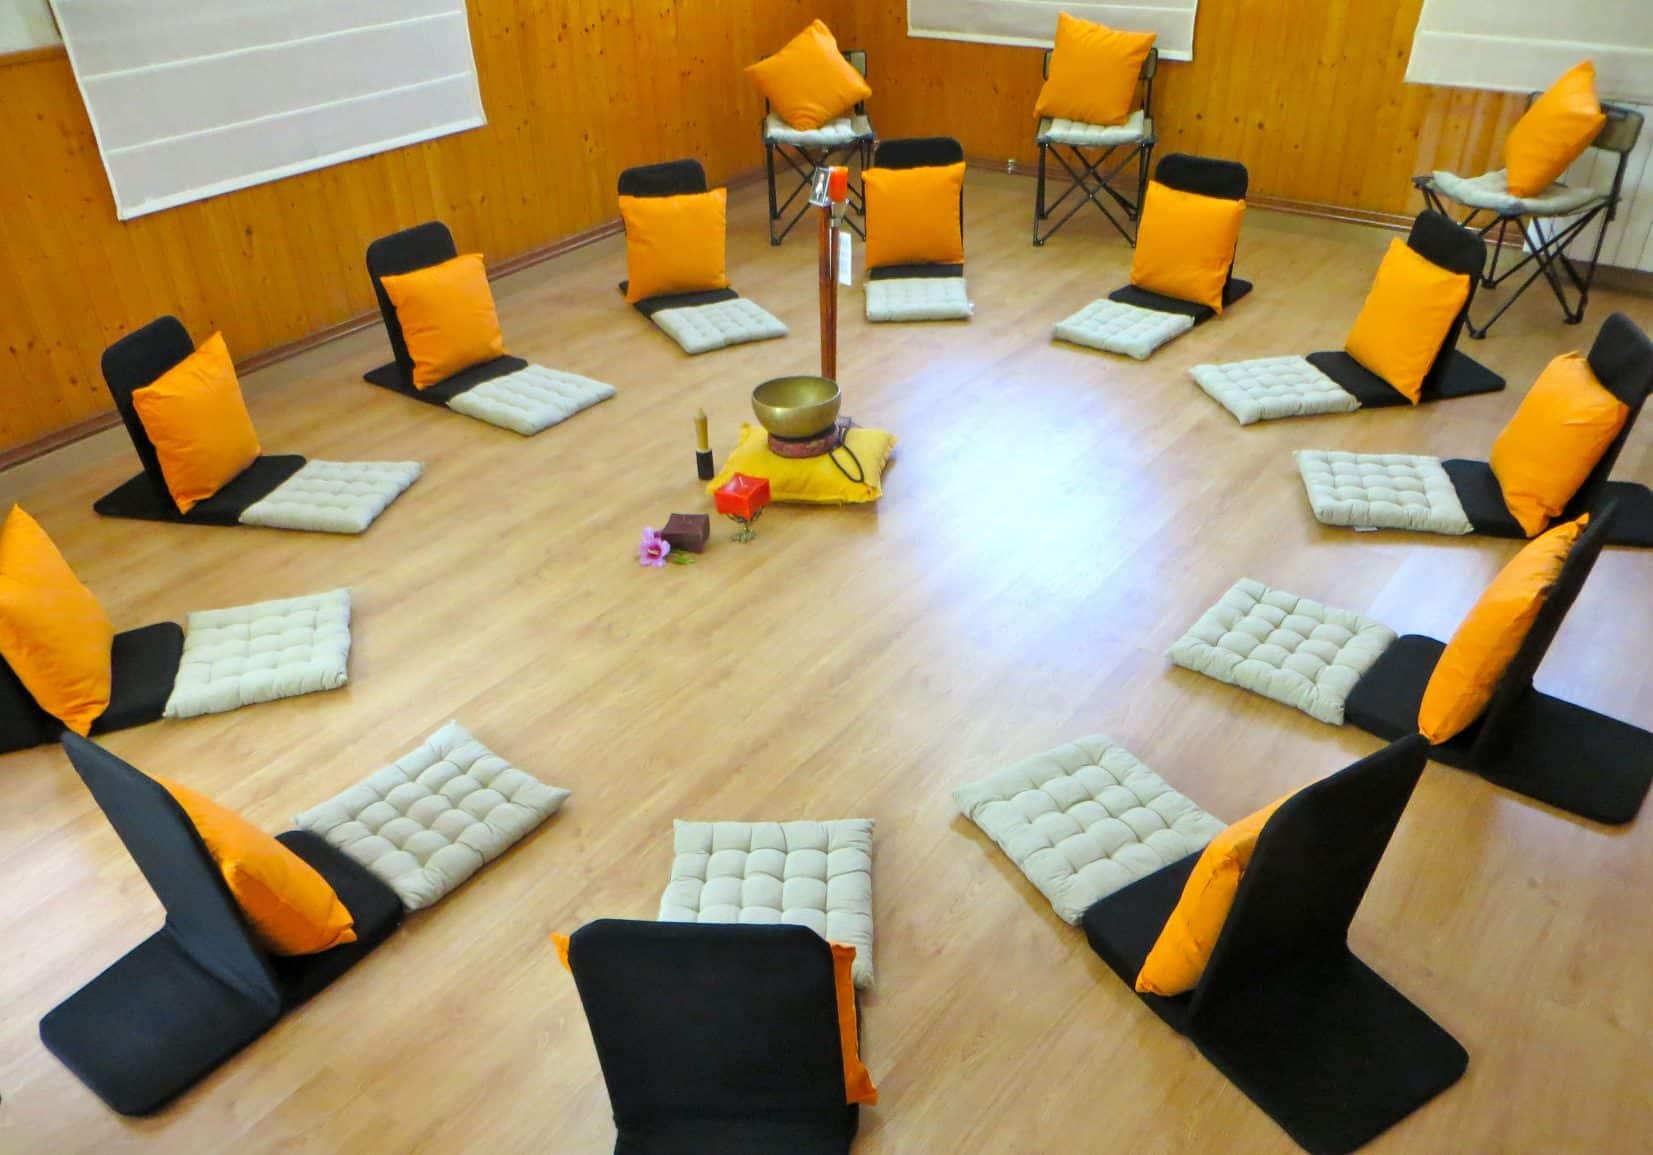 CURSO DE INICIO A LA MEDITIACIÓN Y MINDFULNESS (SÁBADOS) EN RIUDOMS